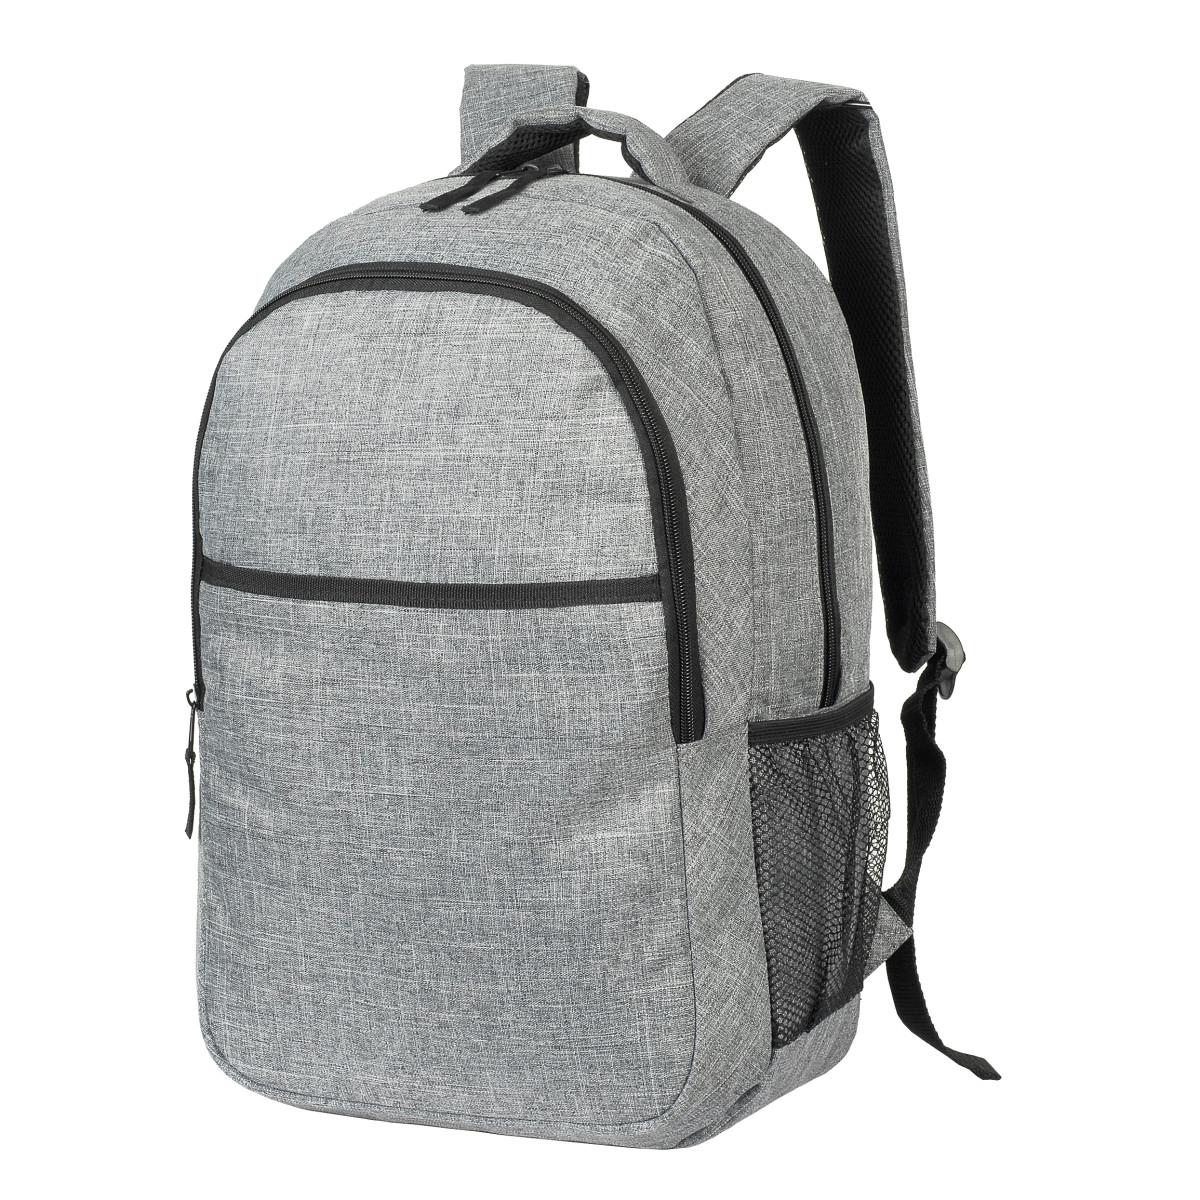 Shugon Bonn Student Laptop Backpack